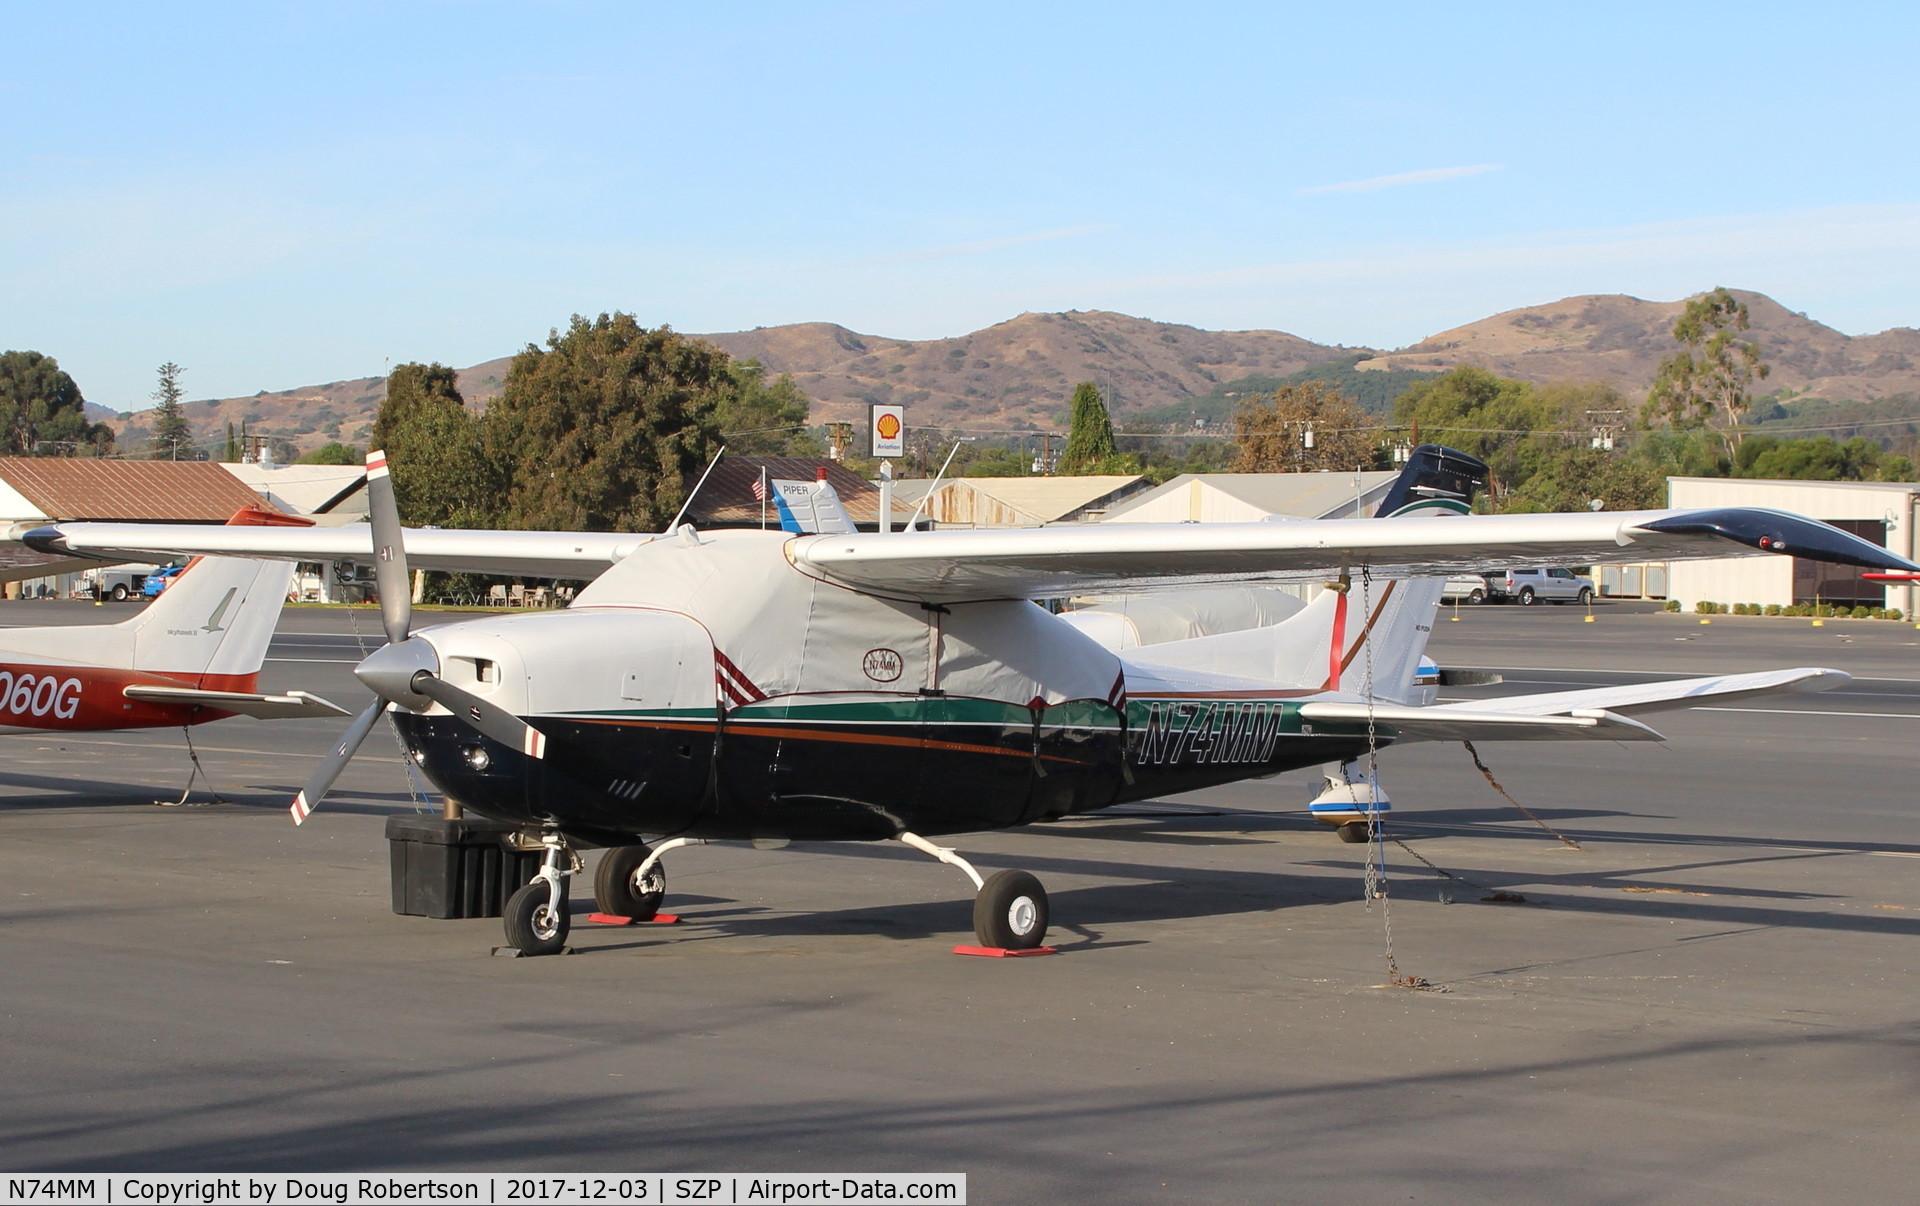 N74MM, 1974 Cessna T210L Turbo Centurion C/N 21060375, 1974 Cessna T210L TURBO CENTURION, Continental TSIO-520-R 310 Hp